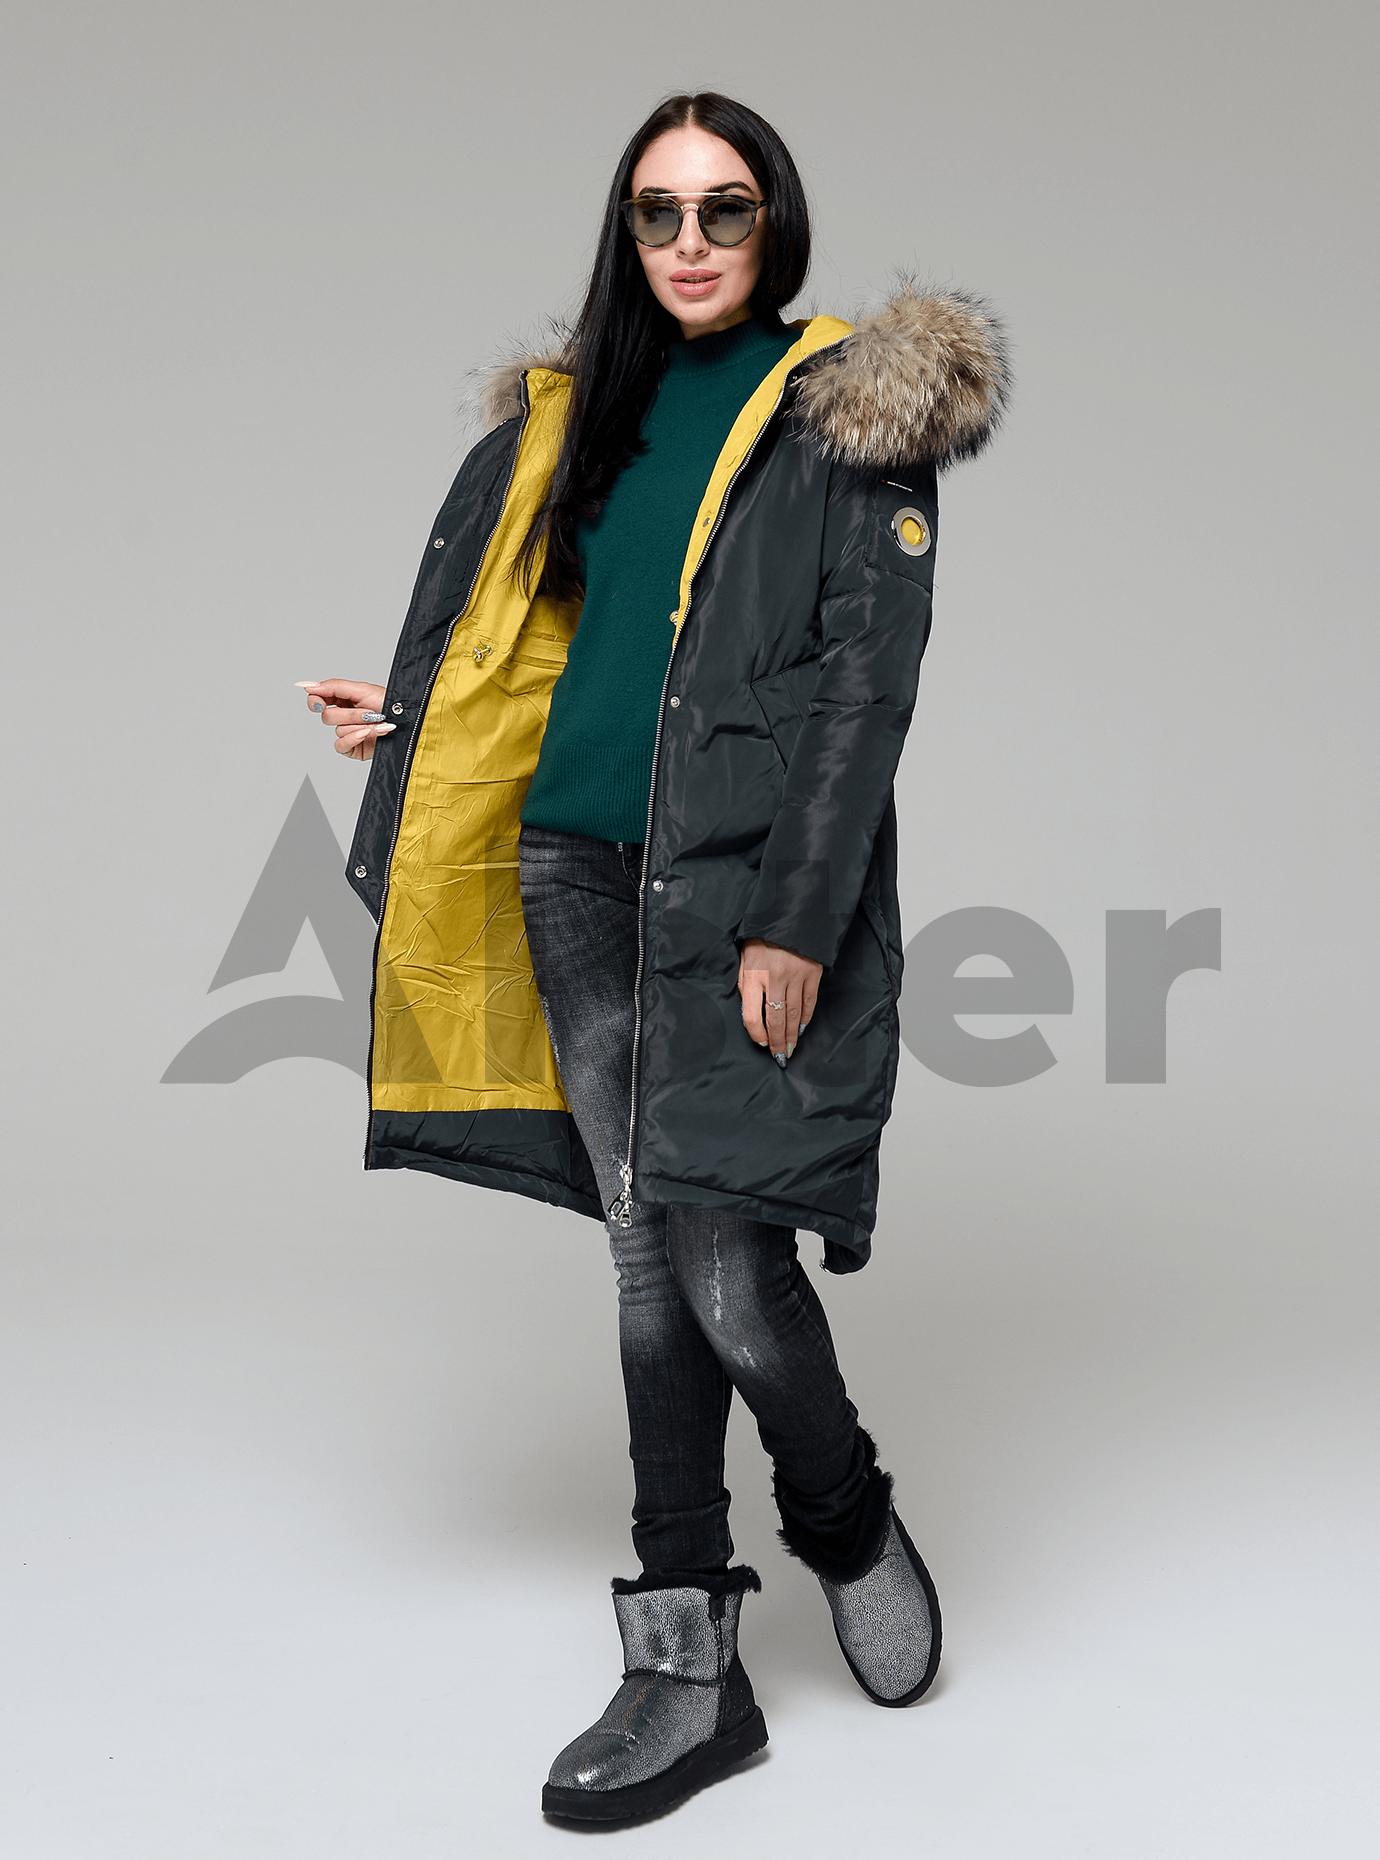 Куртка зимняя длинная со съемным мехом енота Тёмно-зелёный S (05-V191282): фото - Alster.ua